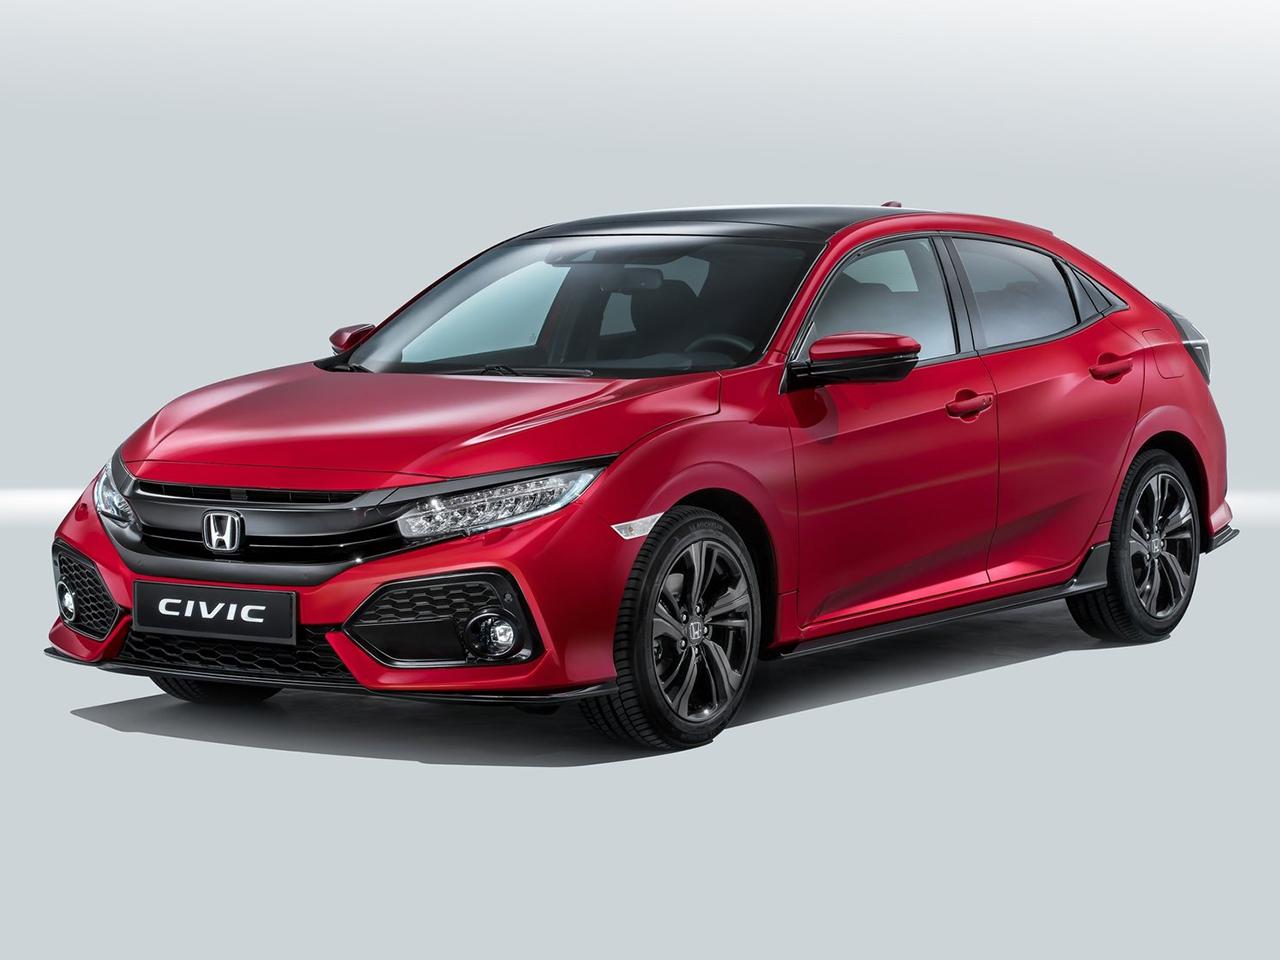 Honda Civic 5p exterior